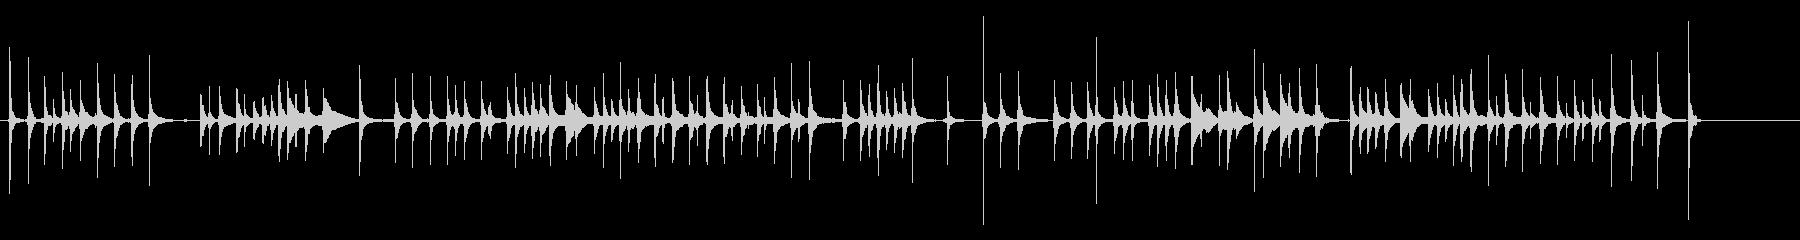 三味線34娘道成寺13日本式レビューショの未再生の波形